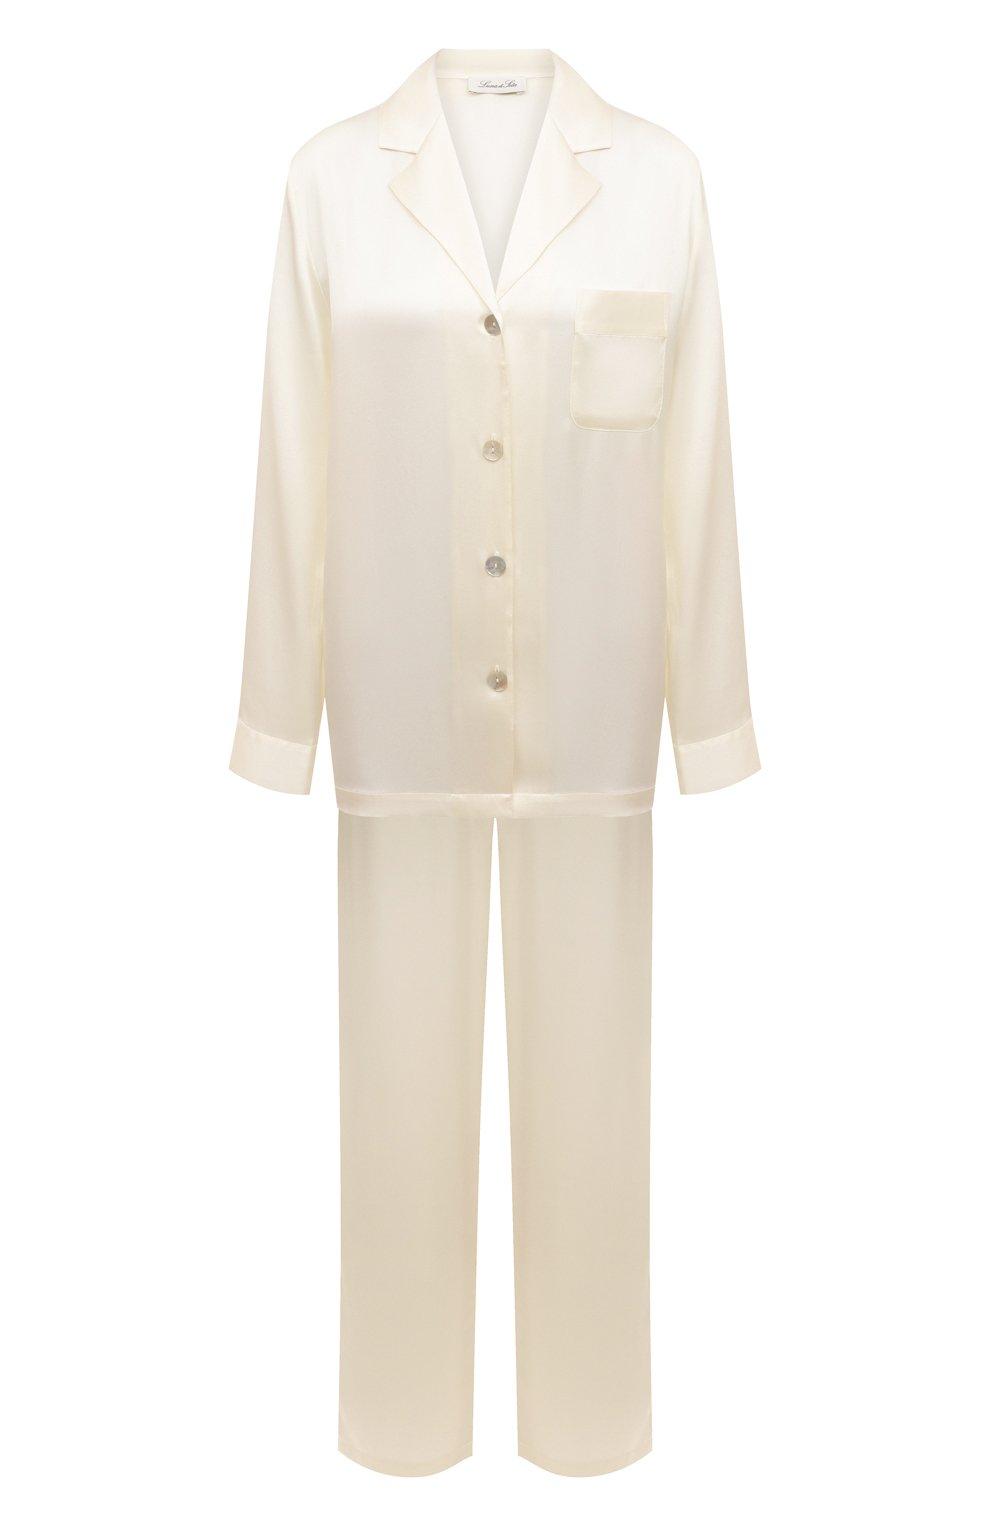 Женская шелковая пижама LUNA DI SETA белого цвета, арт. VLST08007 | Фото 1 (Материал внешний: Шелк; Рукава: Длинные; Длина Ж (юбки, платья, шорты): Мини; Длина (брюки, джинсы): Стандартные; Длина (для топов): Стандартные)